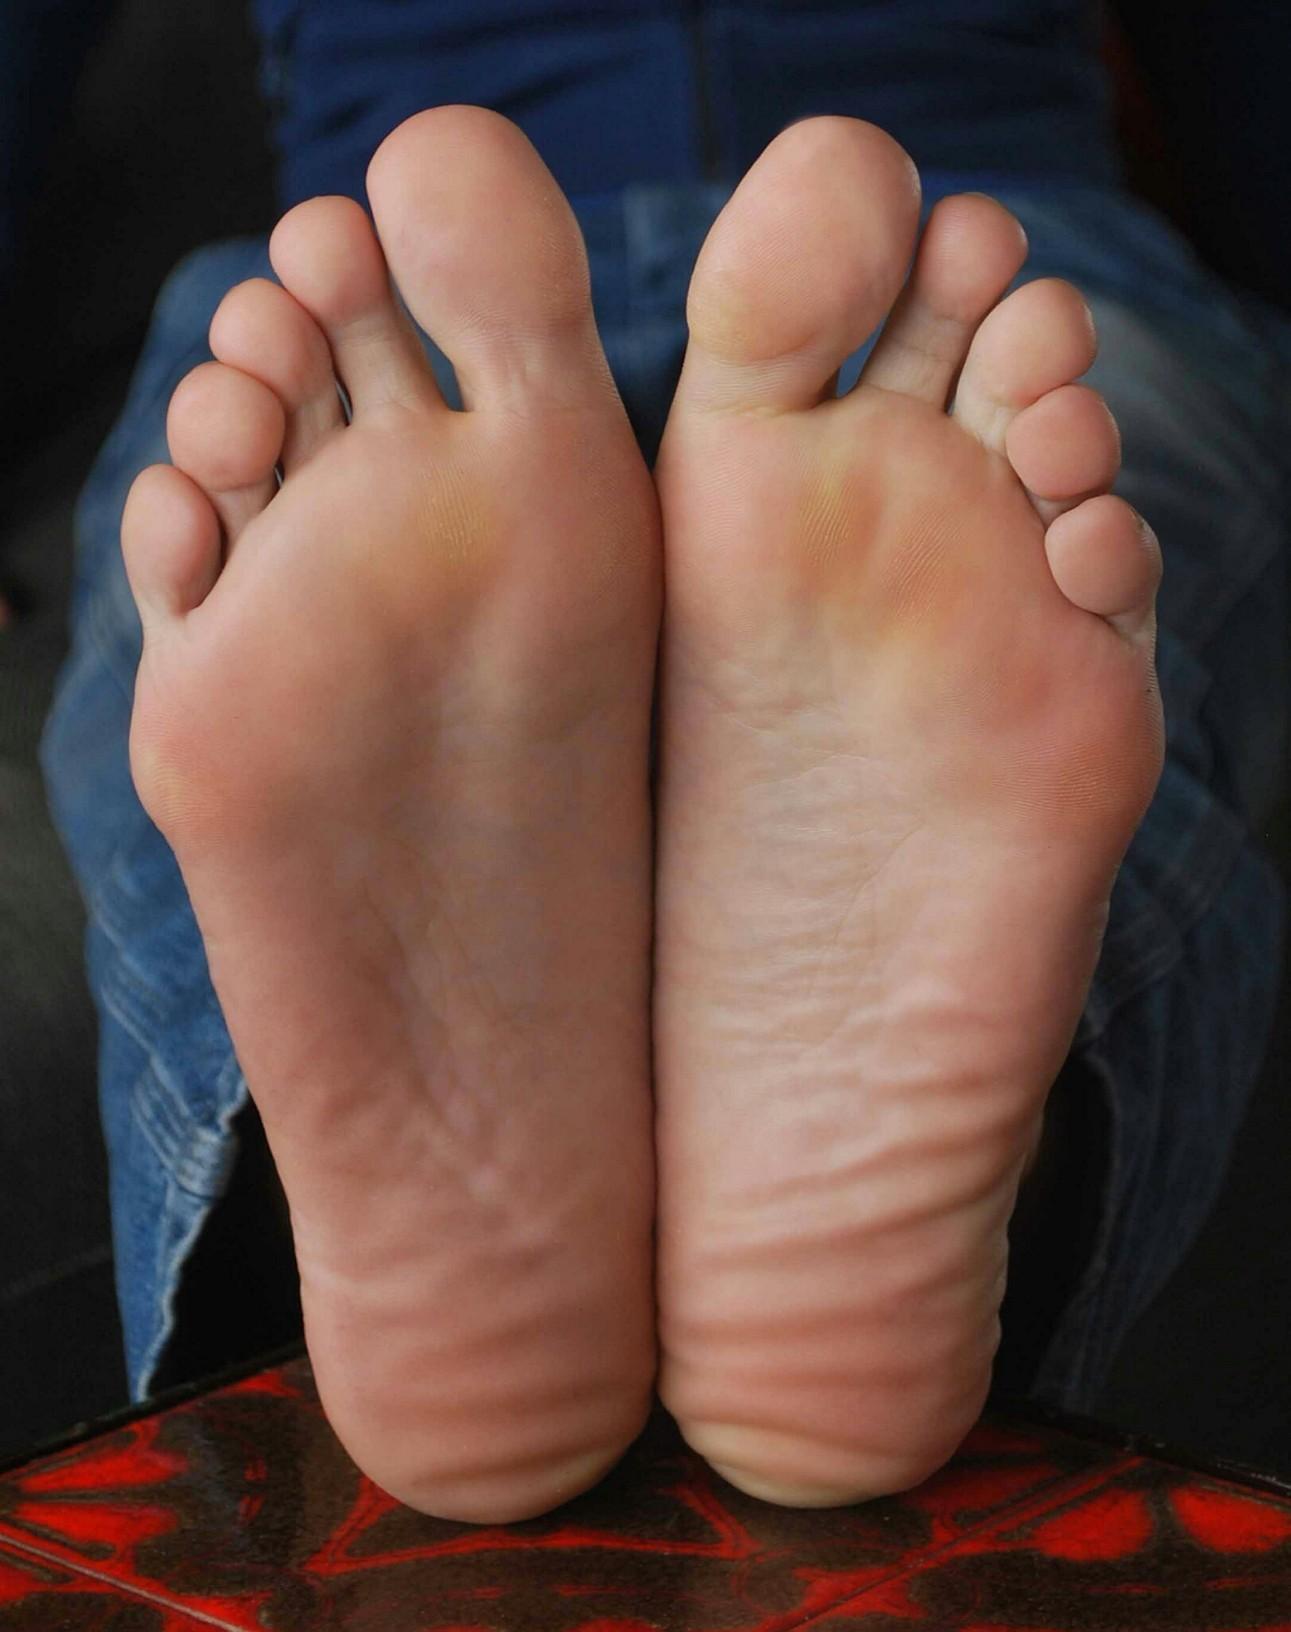 Nathalie Meskens U0026 39 S Feet